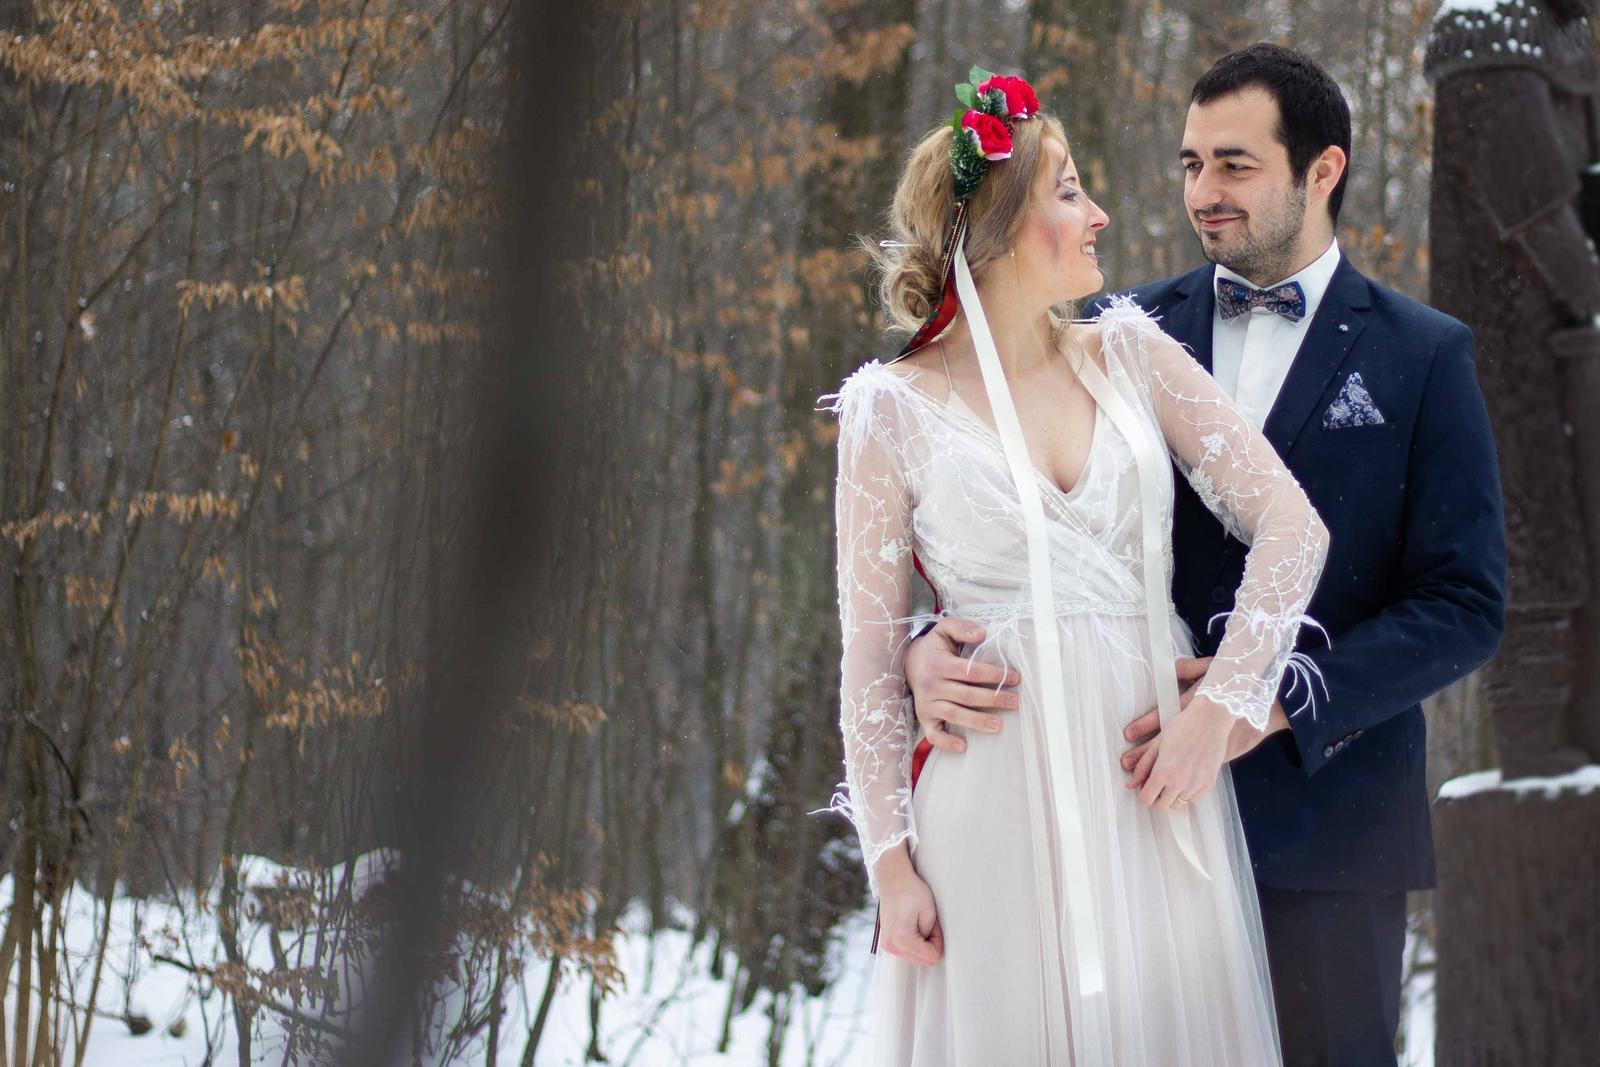 Téma svadobných šiat z Ukrajiny tu bola otvorená už niekoľkokrát, práve preto nám nevesta a autorka článkov Danka zozbierala info z prvej ruky :) Svadobné šaty z Ukrajiny – kam ísť, aké sú ceny a kvalita šiat: https://mojasvadba.zoznam.sk/svadobne-saty-z-ukrajiny/ - Obrázok č. 1